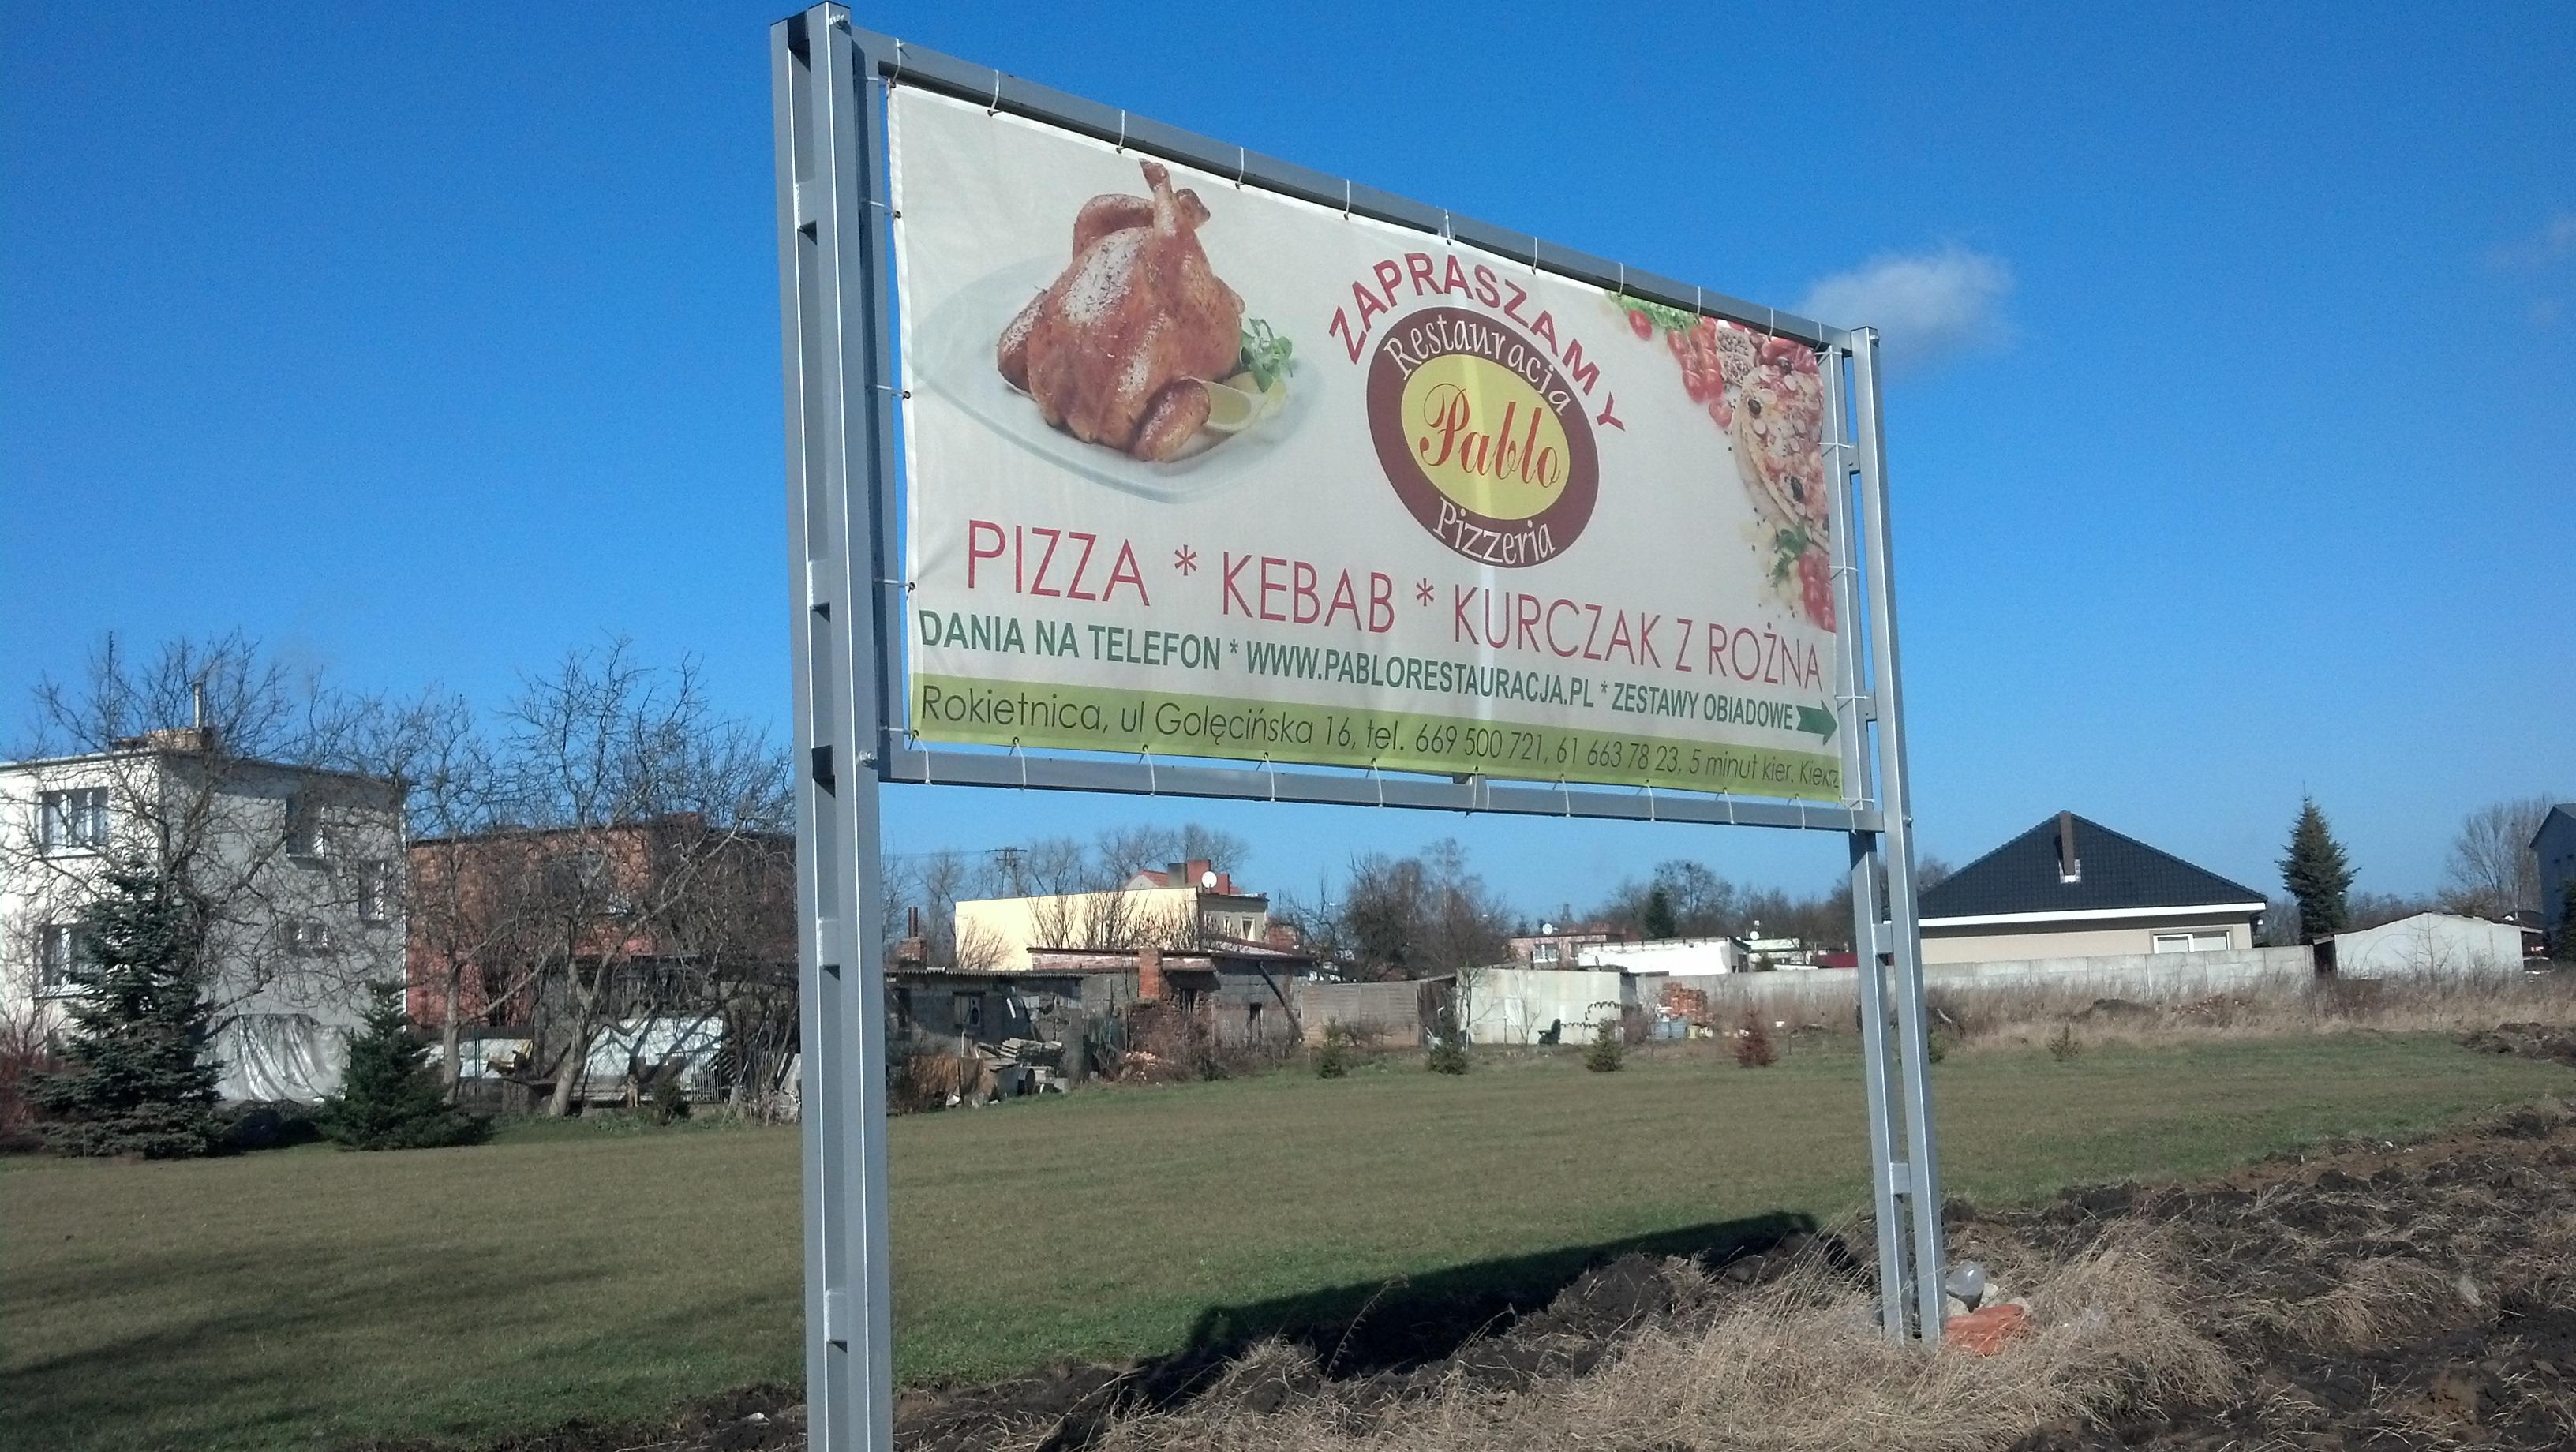 Baner reklama pizzeria kebab